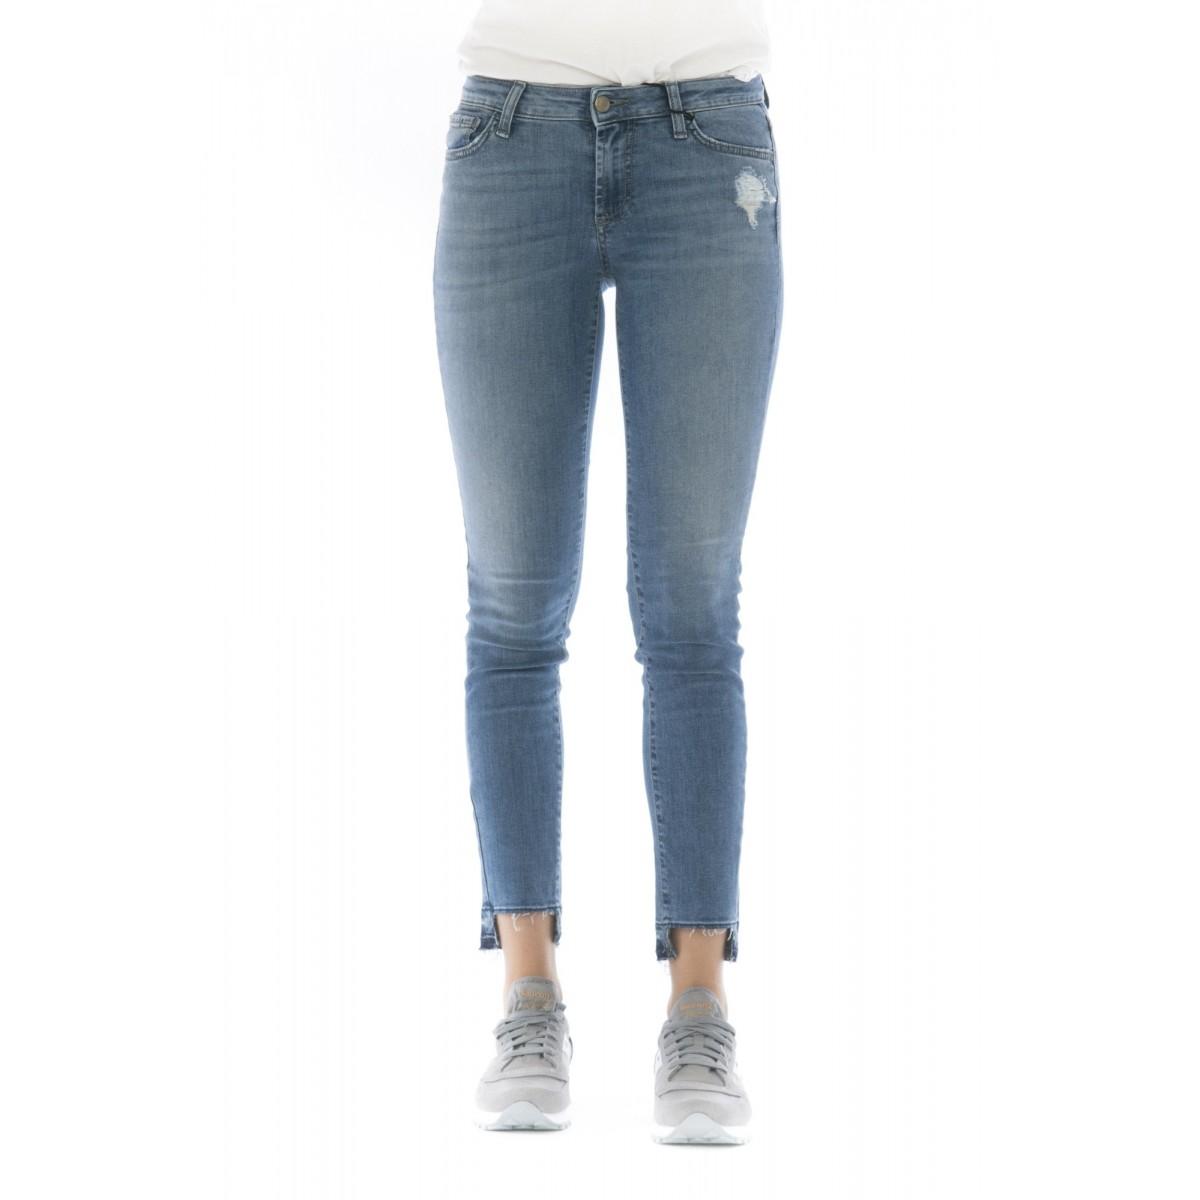 Jeans - Cate cut claire caviglia rottura